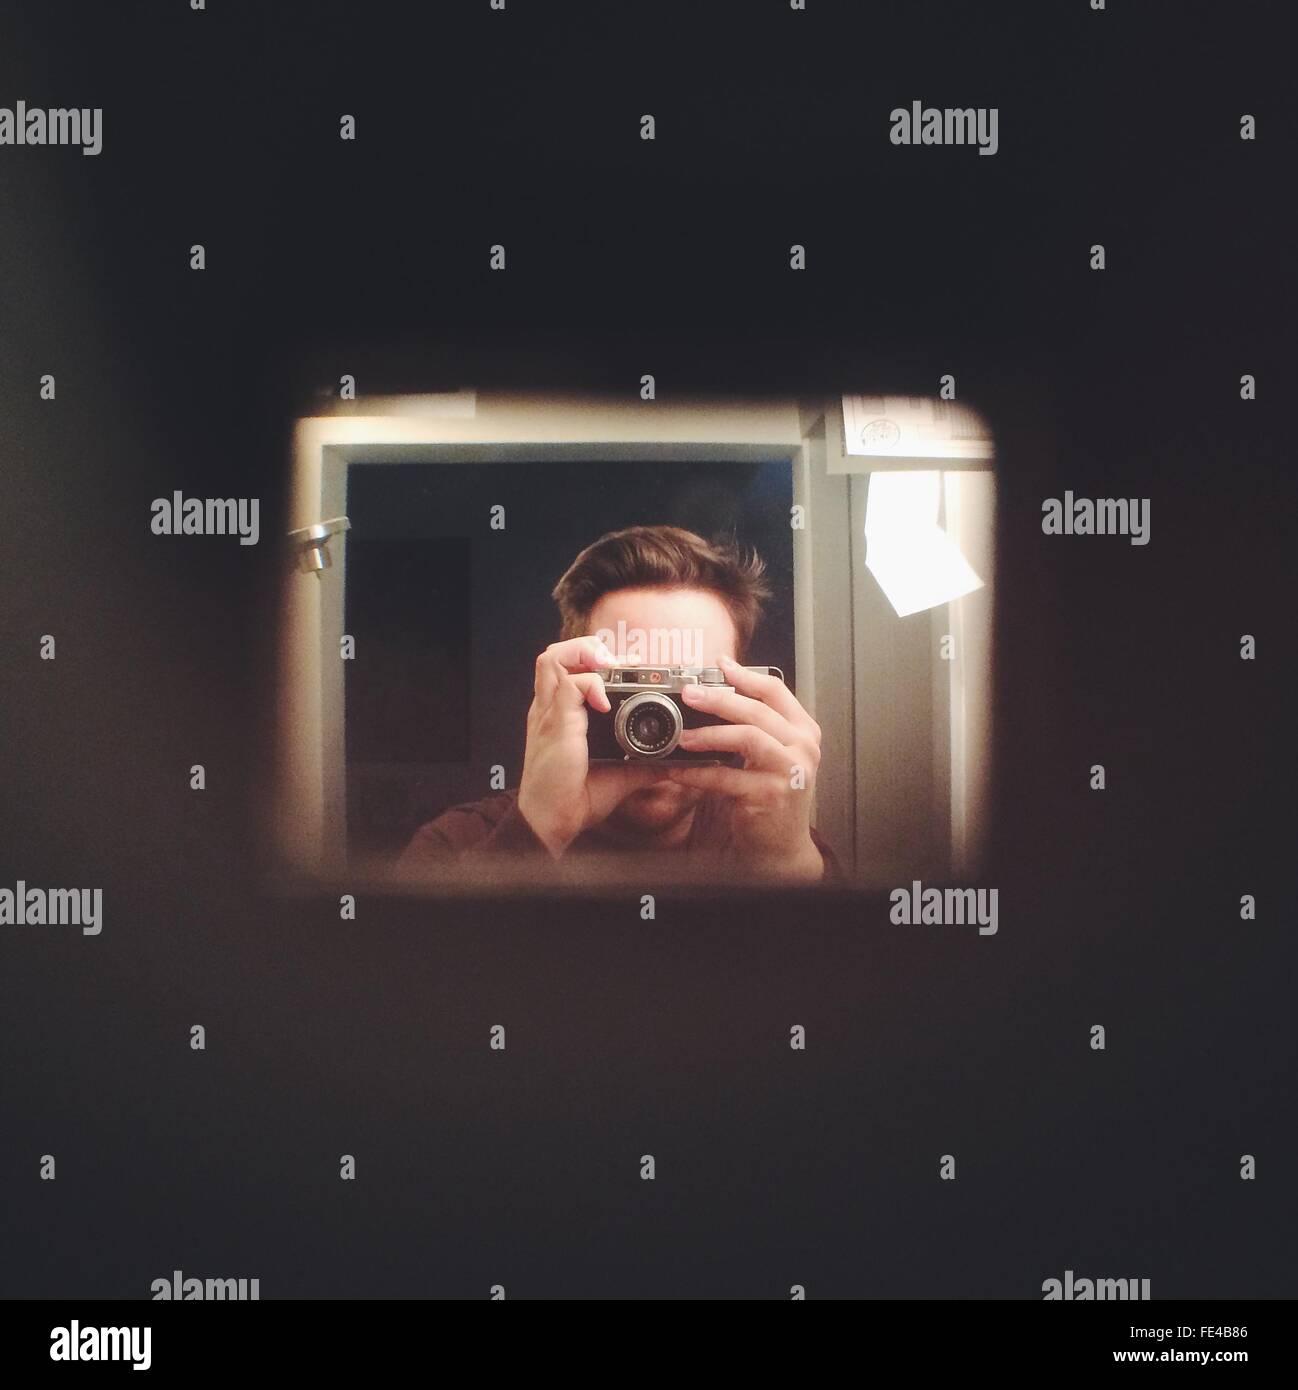 La riflessione di uomo in specchio mentre si fotografa Immagini Stock